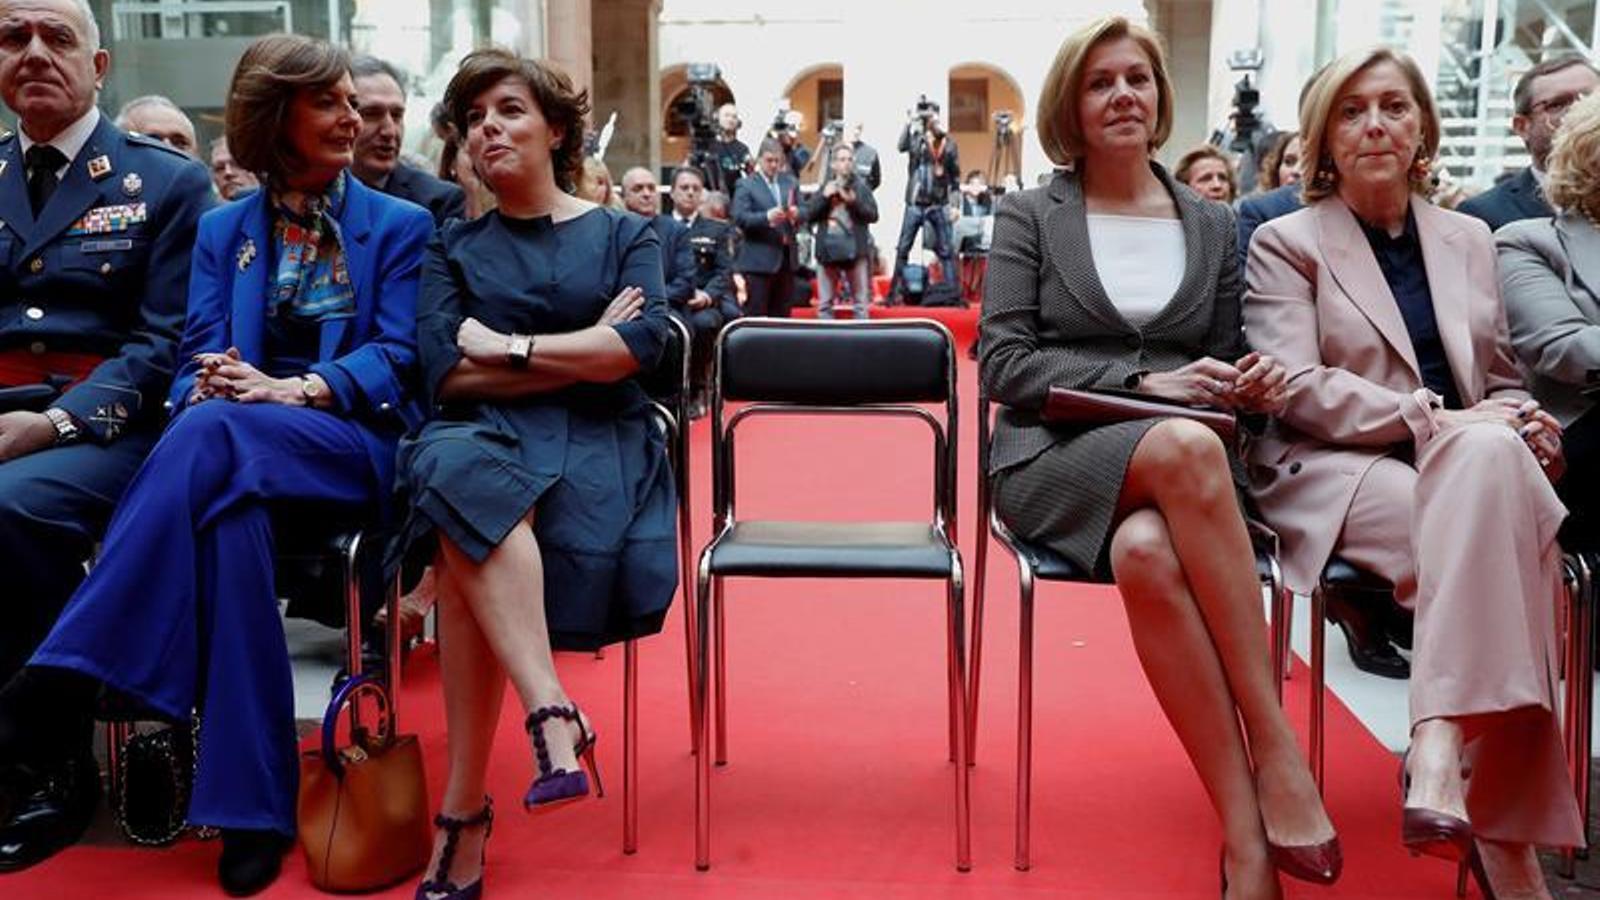 Sáenz de Santamaría i María Dolores de Cospedal durant l'acte de celebració del dia de la Comunitat de Madrid. La secretària general del PP va anunciar que assistiria a la recepció després de conèixer que ho faria la vicepresidenta del govern espanyol. EFE